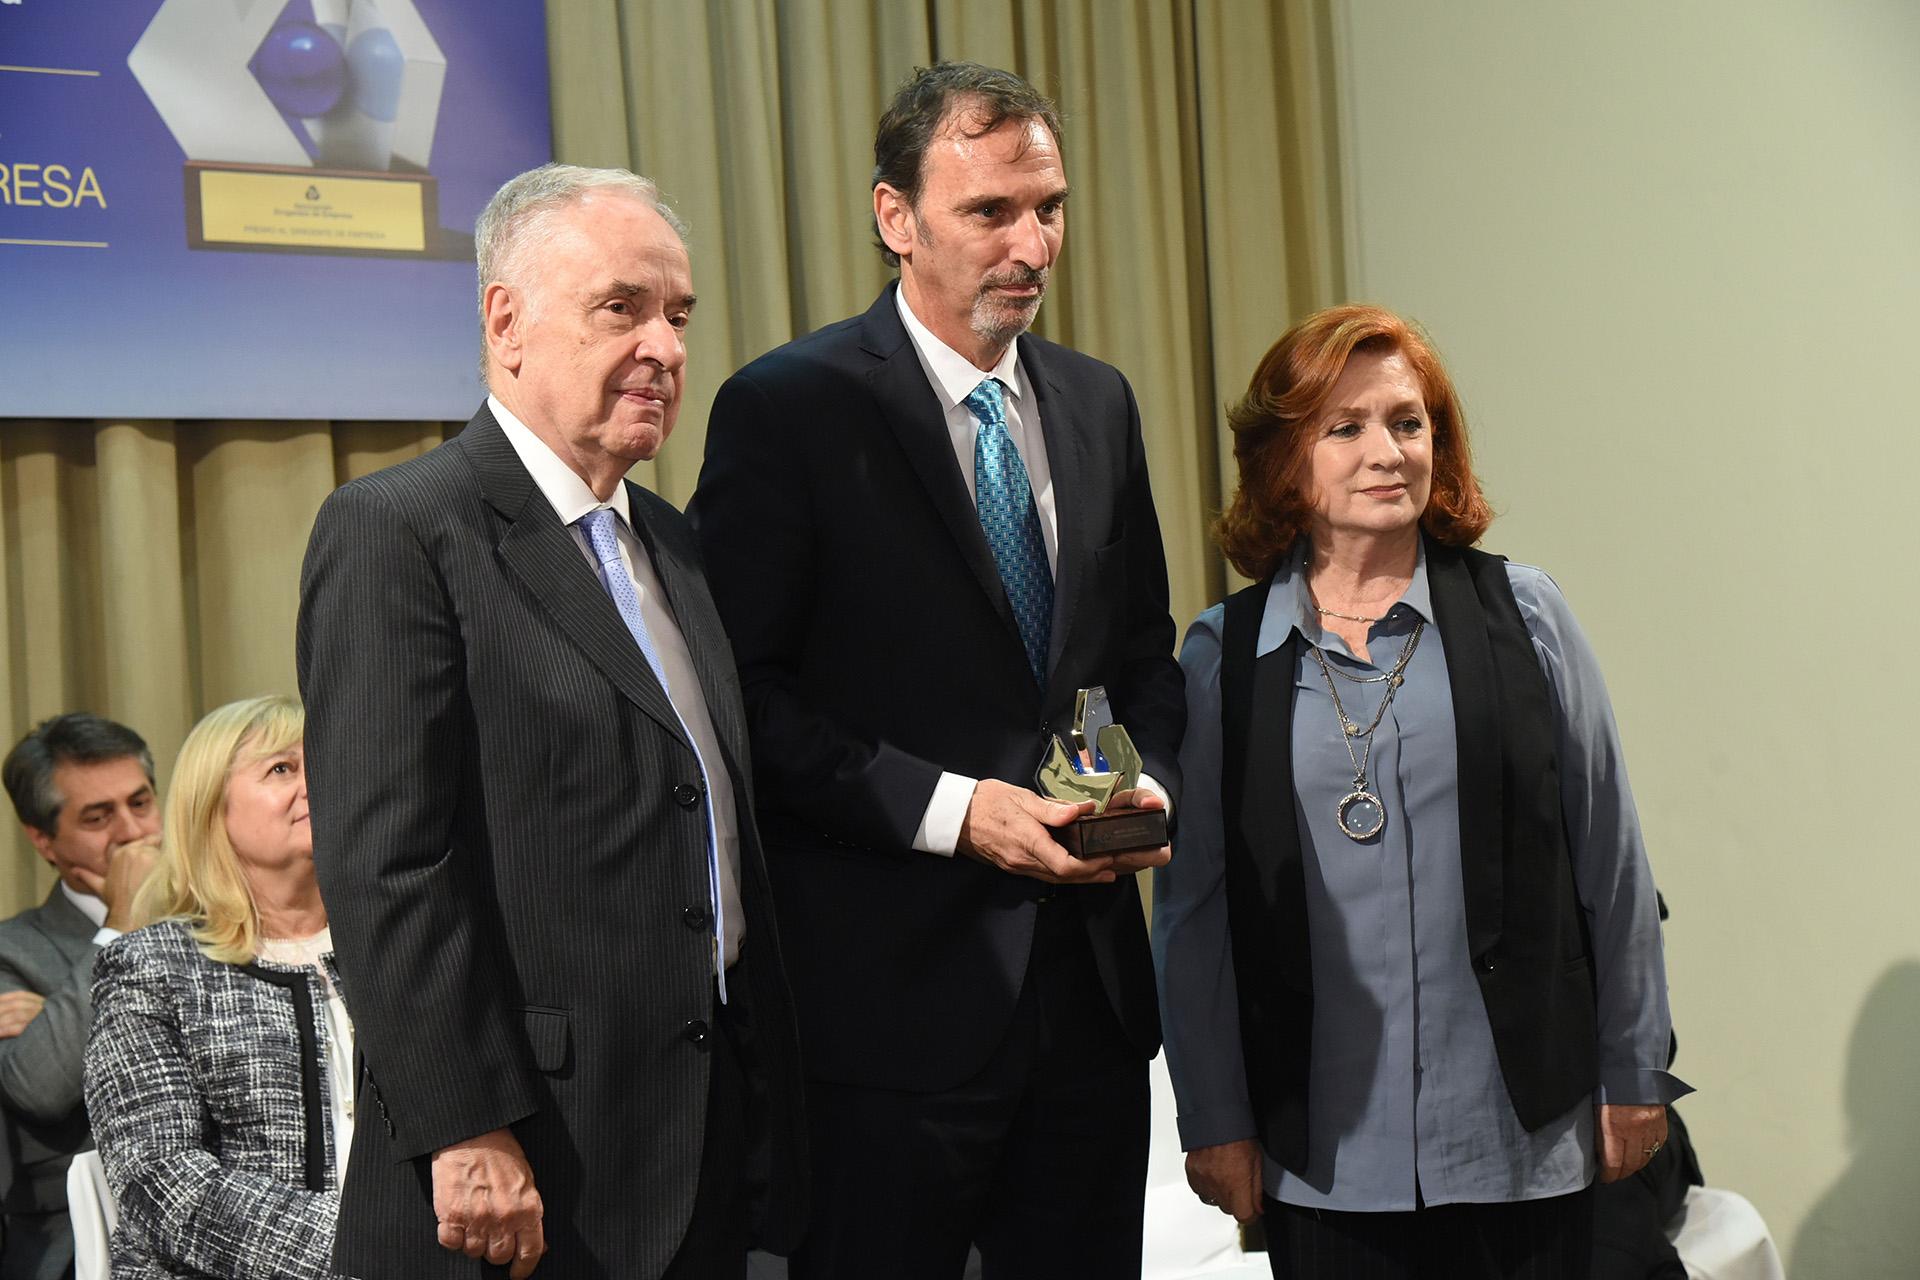 El ganador en la categoría Industria: Miguel Kozuszok (Unilever Latinoamérica y Cono Sur). En la foto, posa junto a Antonio Assefh, presidente de la Asociación Dirigentes de Empresa, y a Teresa González Fernández, integrante del jurado